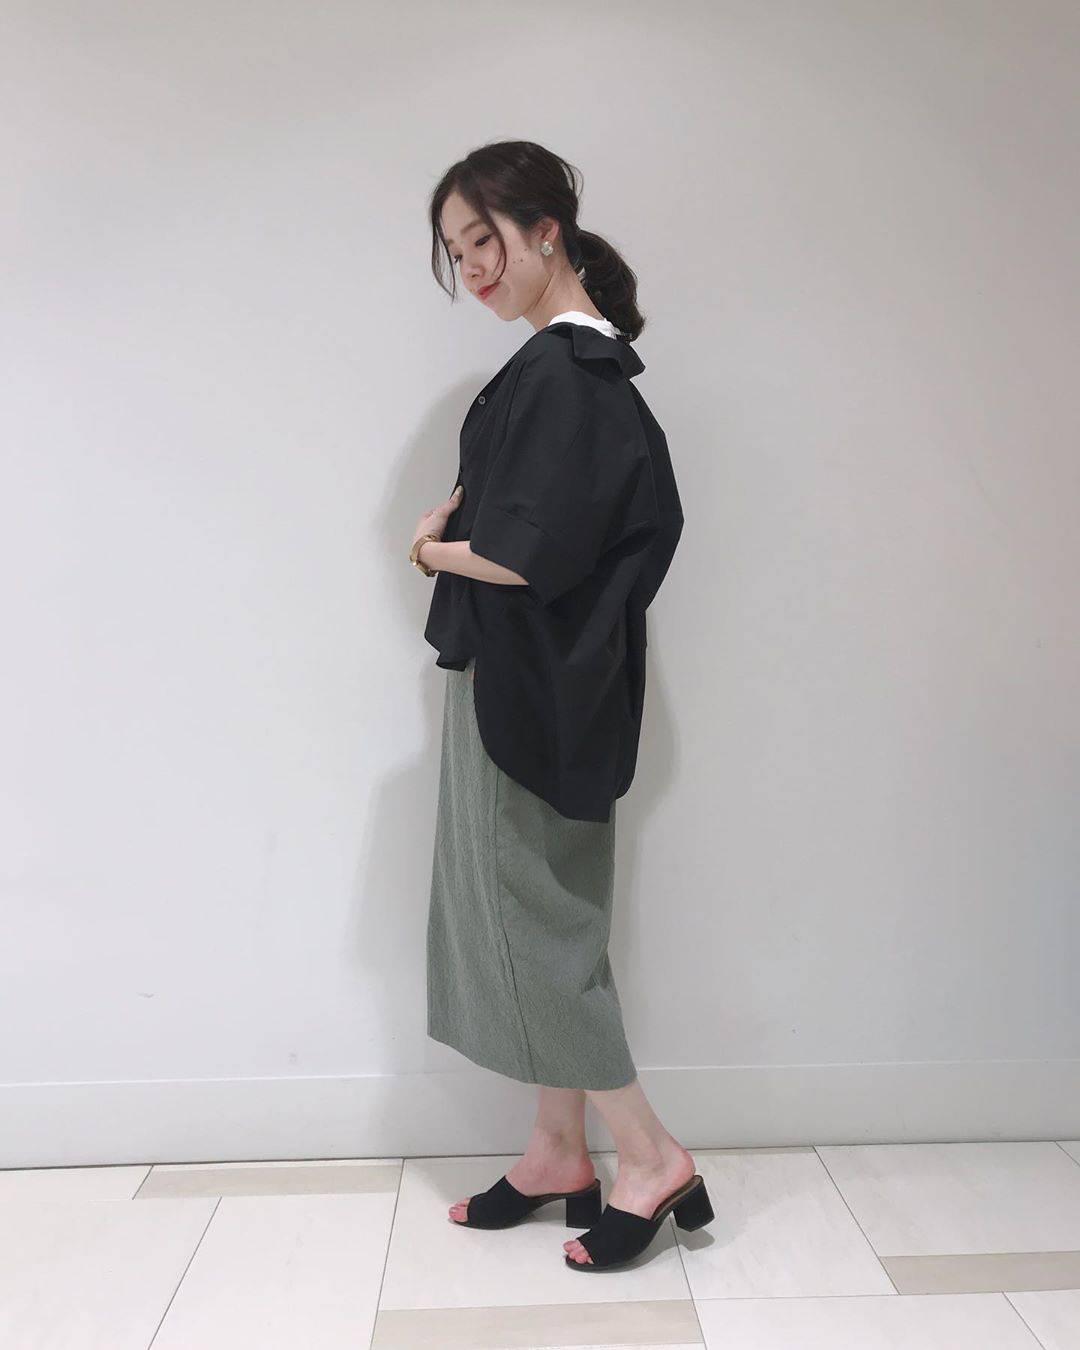 最高気温31度・最低気温17度 hikari_k0122の服装